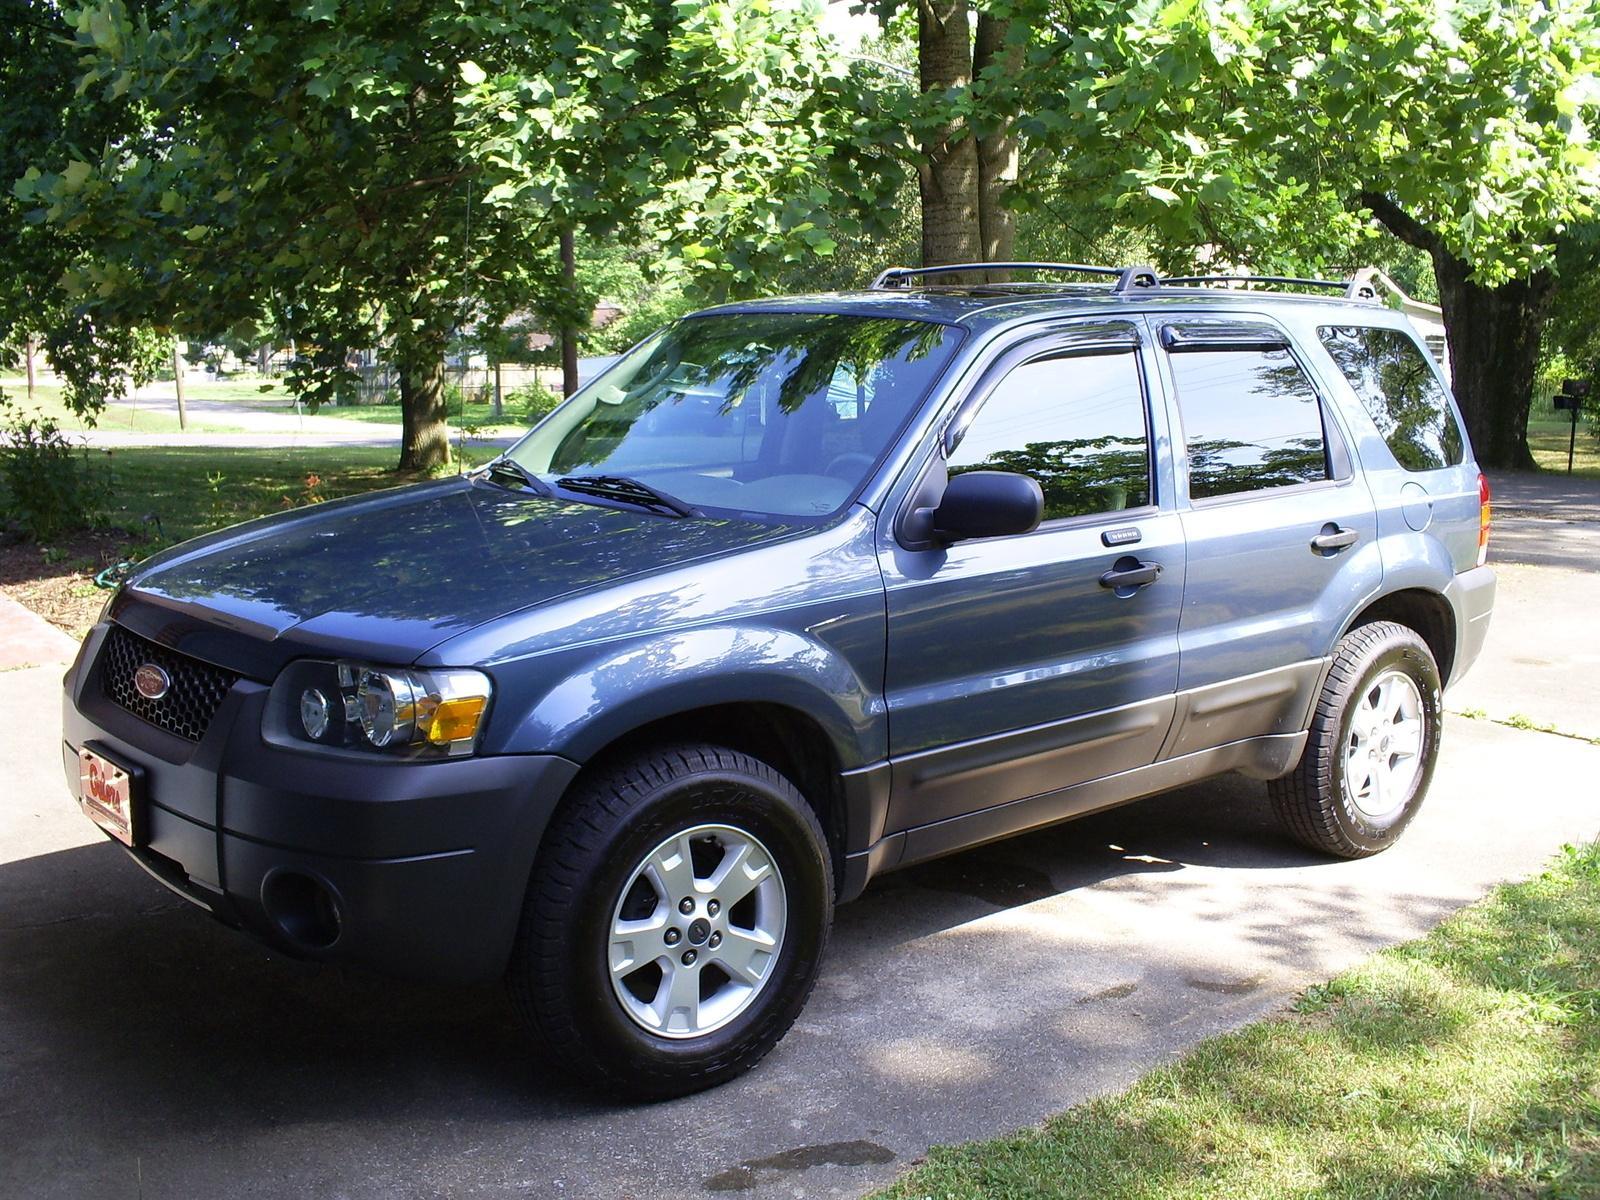 2005 ford escape tire size erkal jonathandedecker com rh erkal jonathandedecker com 2005 Ford Escape Repairs 2005 Escape Maintenance